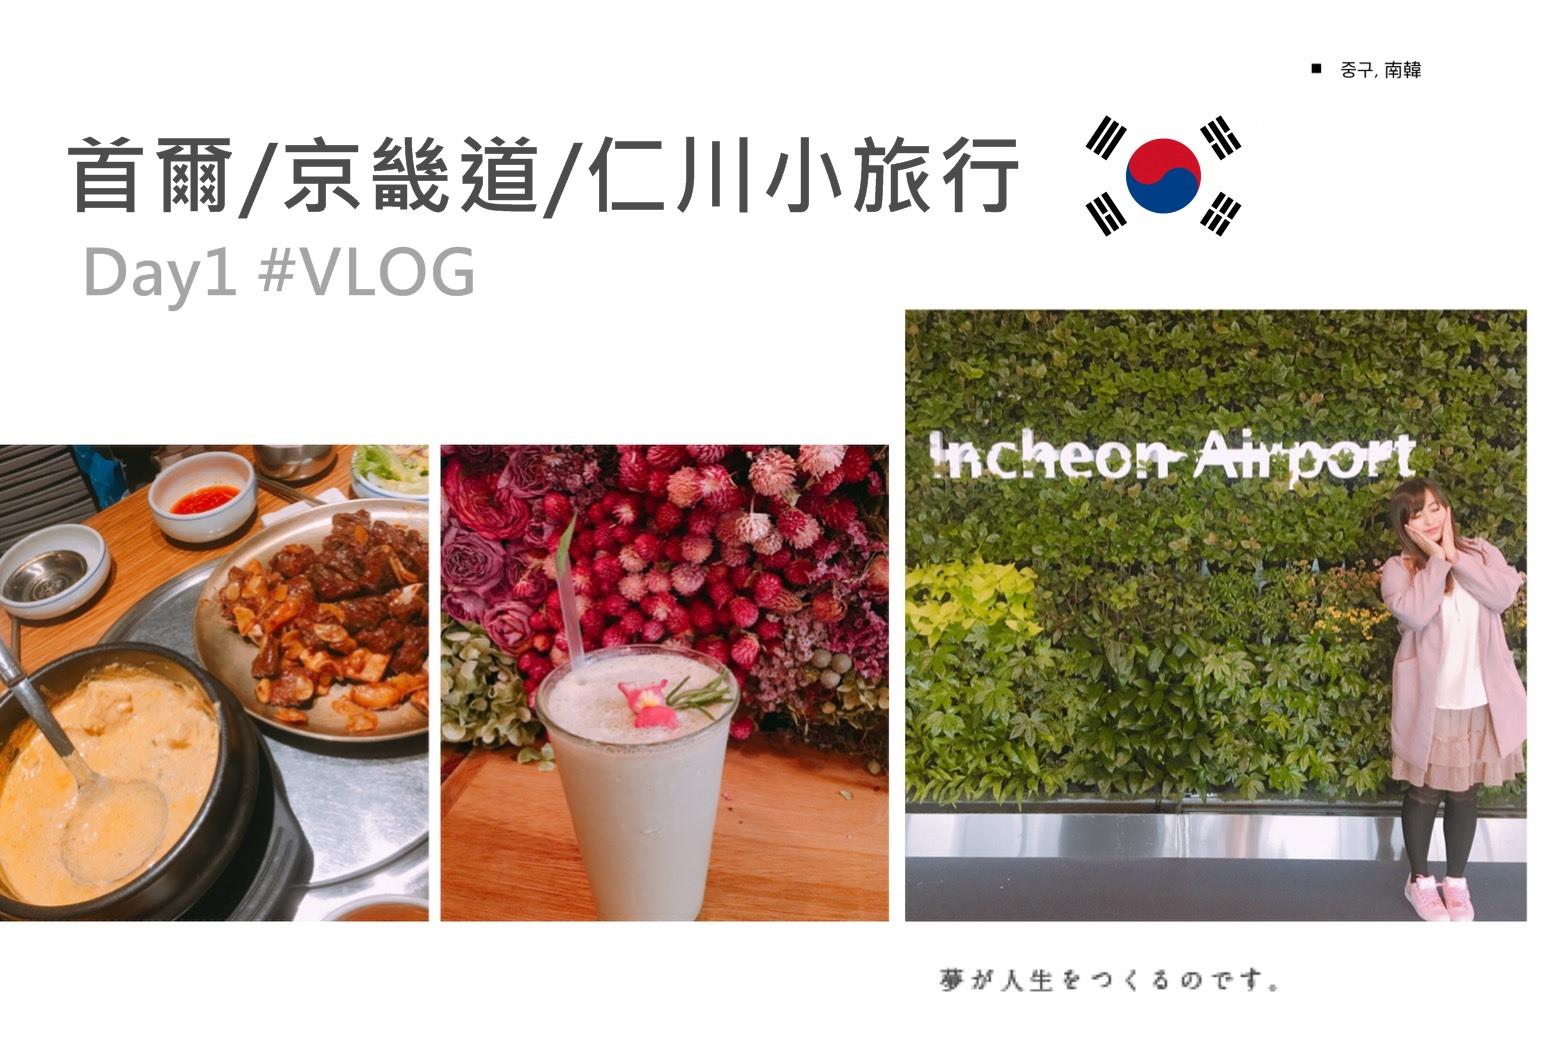 韓國旅行 ▌2017! LIVE首爾/京畿道/仁川小旅行Day1 探訪熱門新景點們 #影音